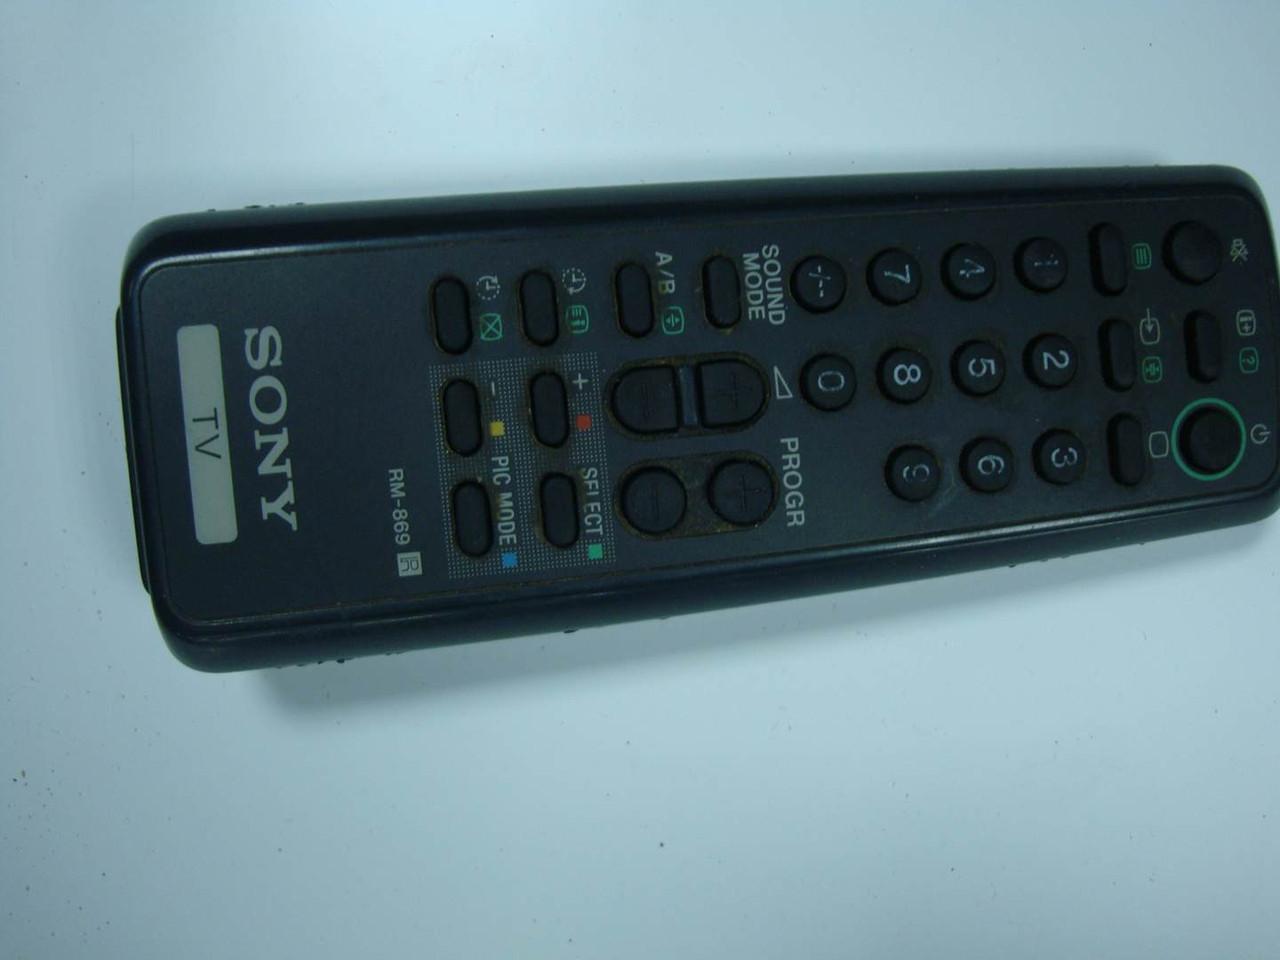 Пульт ДУ SONY RM-869 для телевизора Оригинал